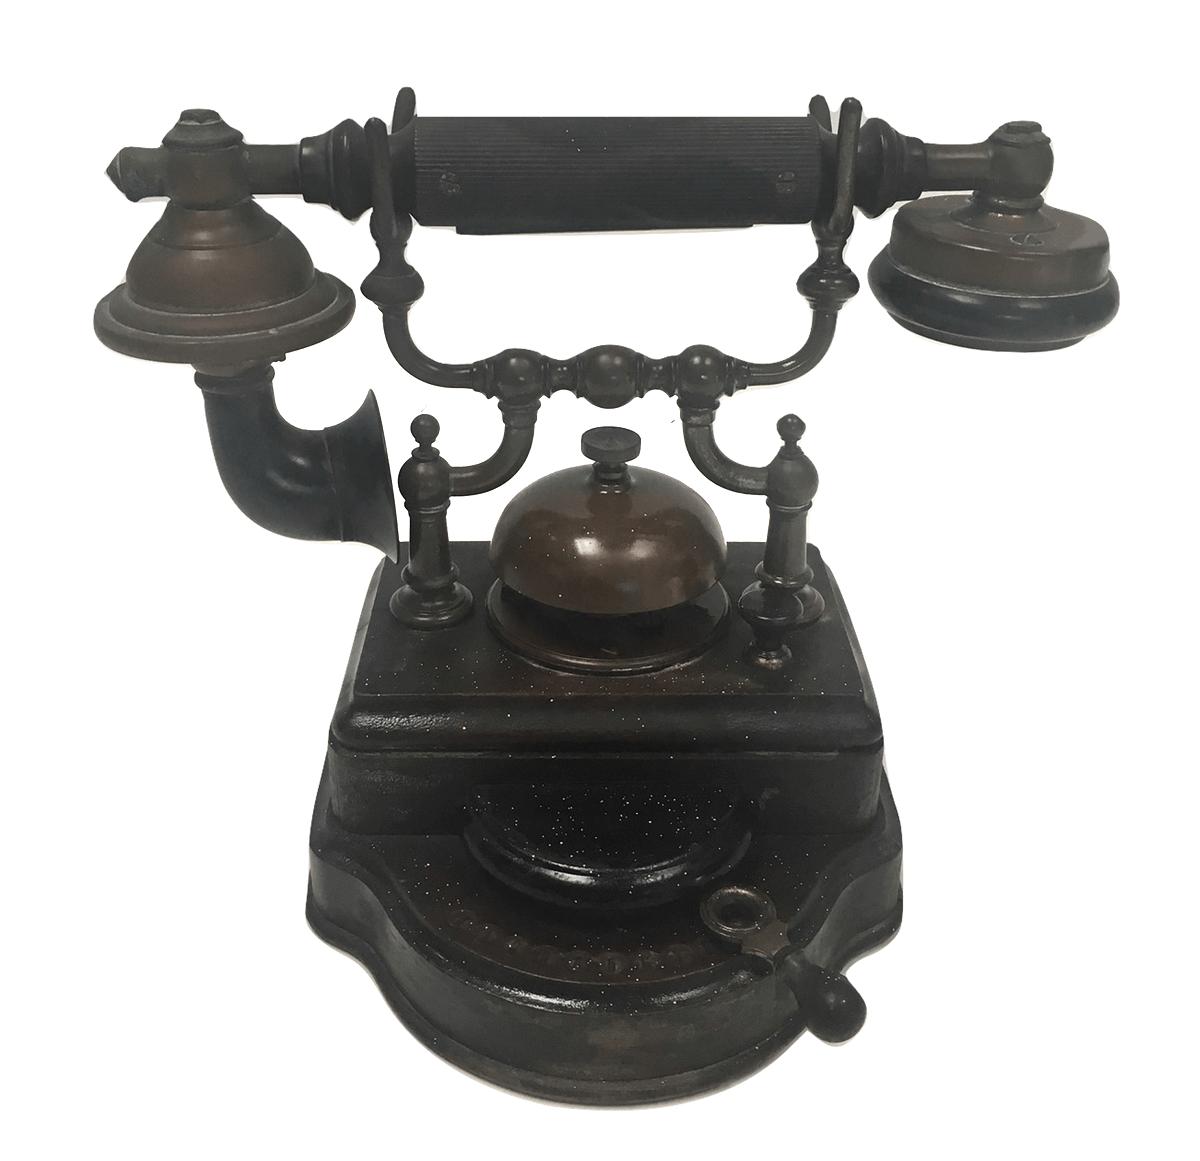 Rarissimo Telefone Antigo Ericsson 1896